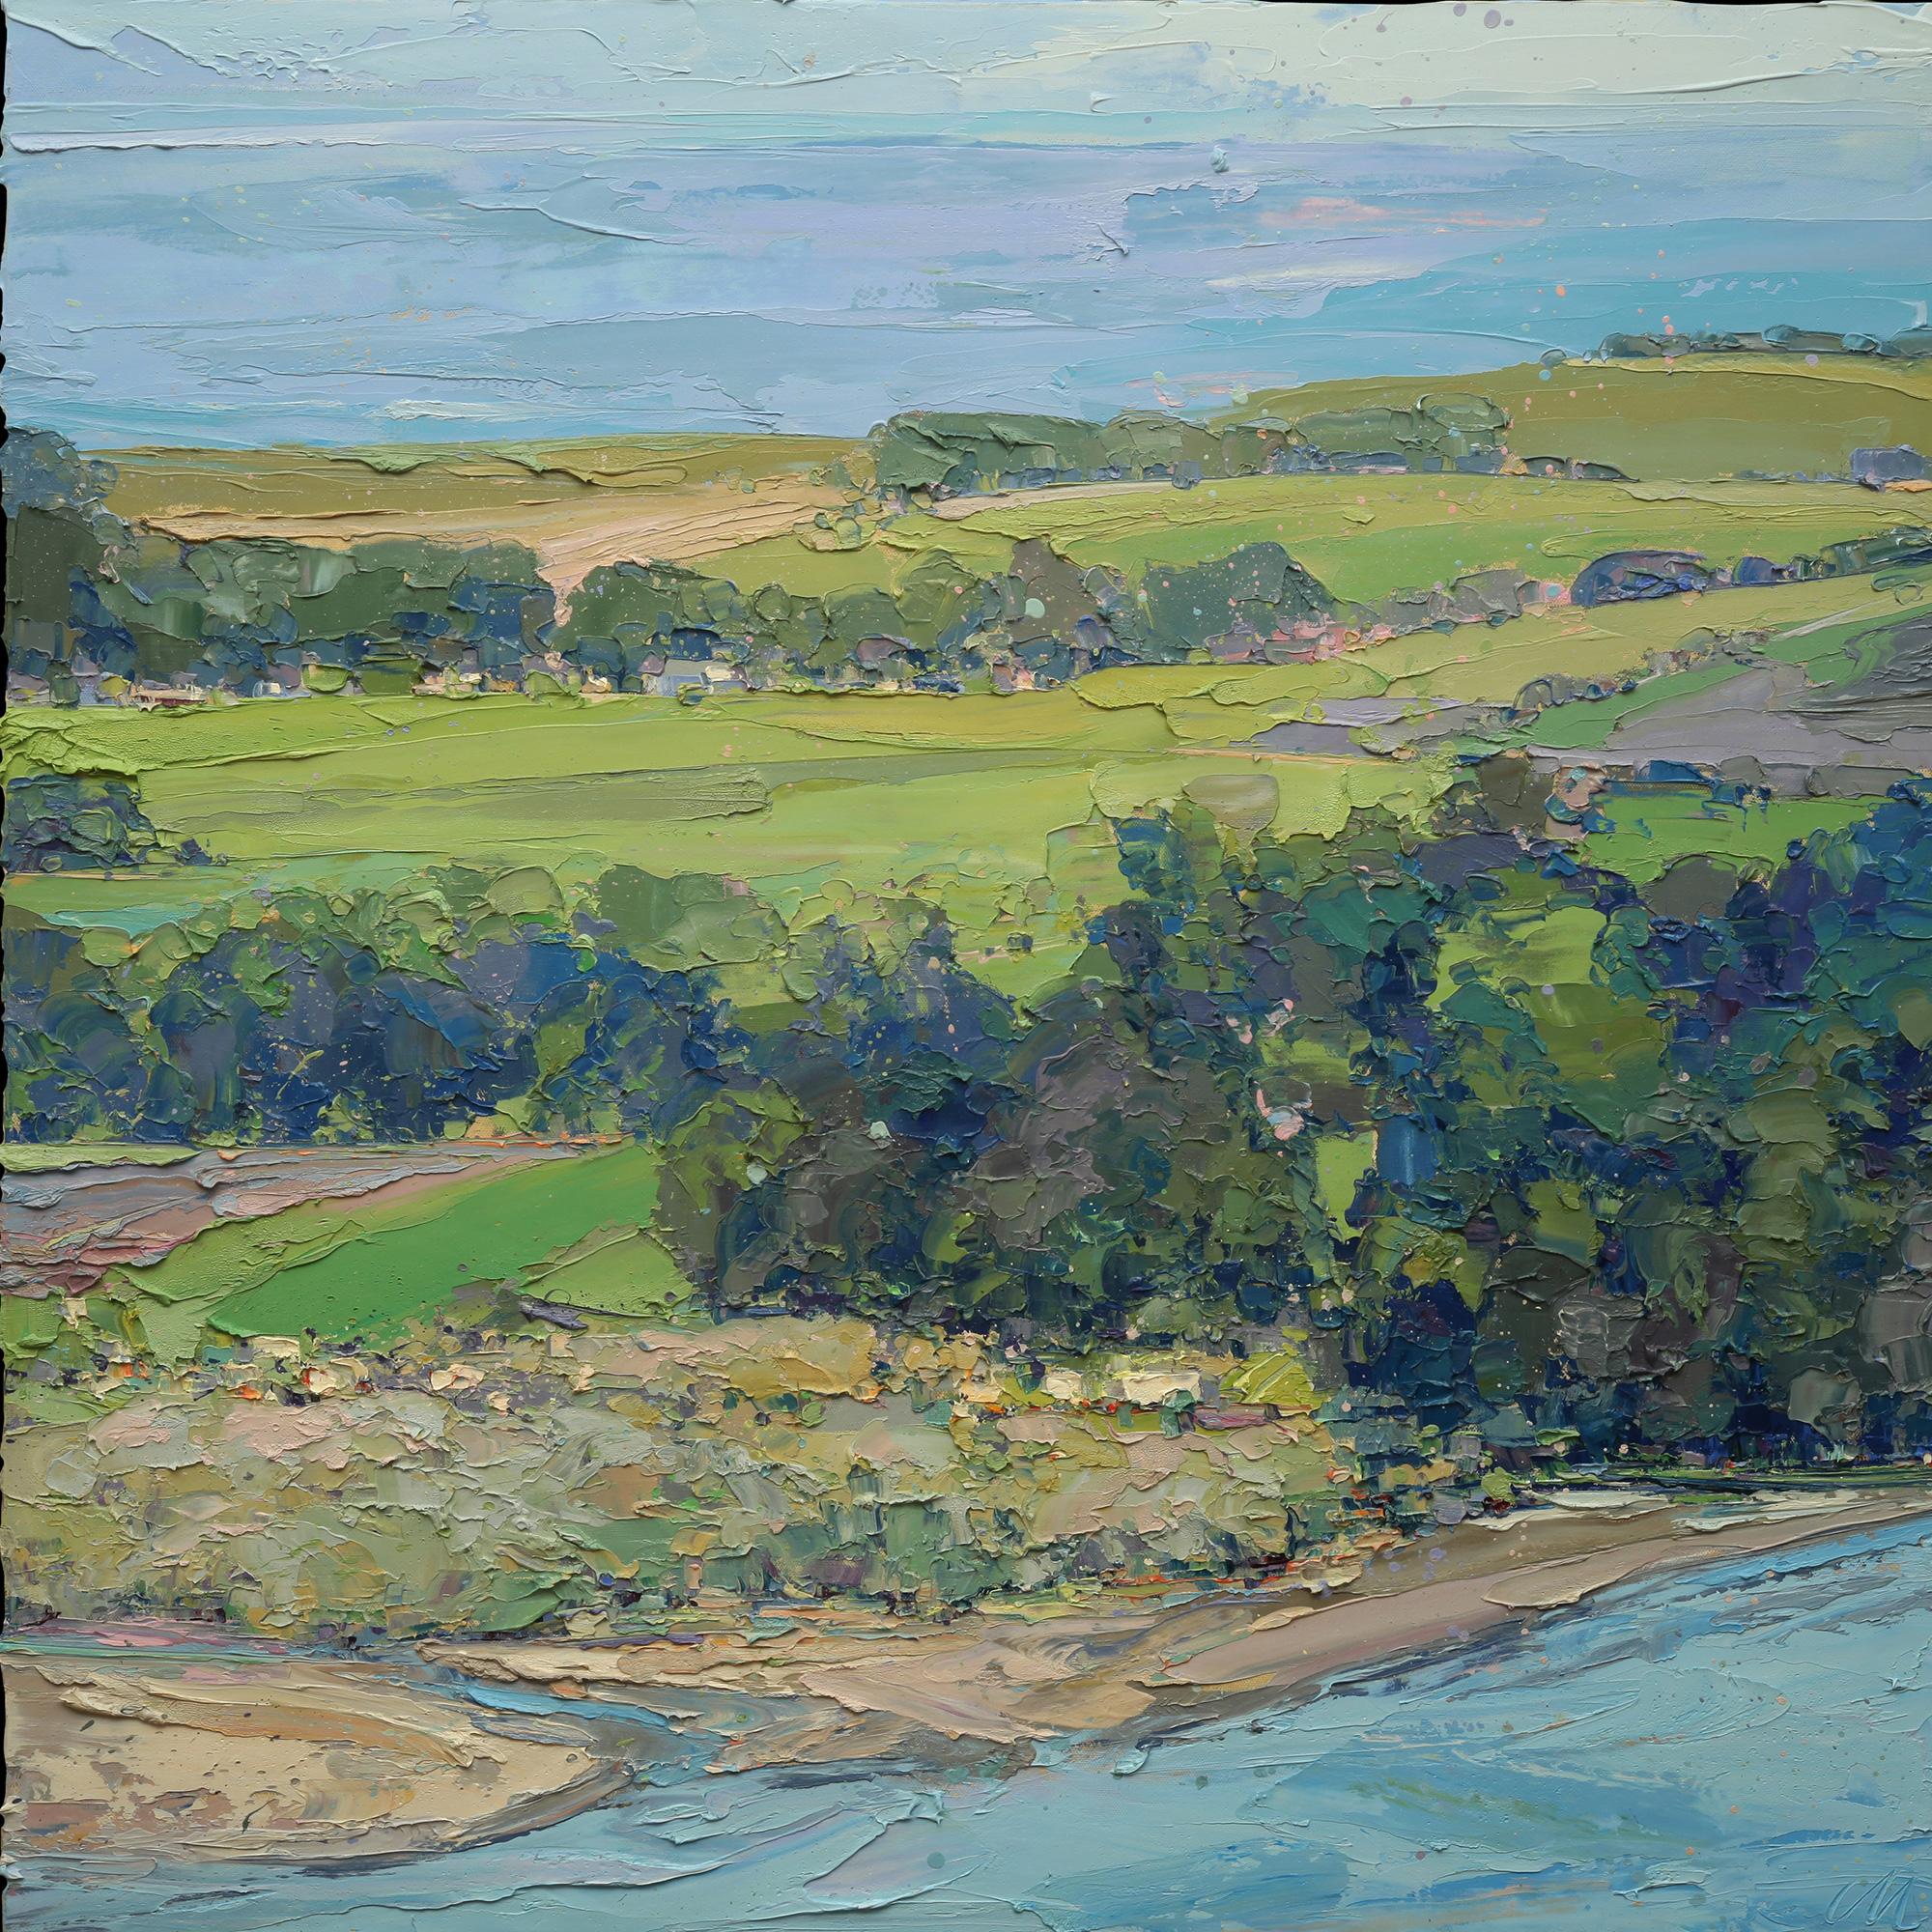 Meyer West Marin